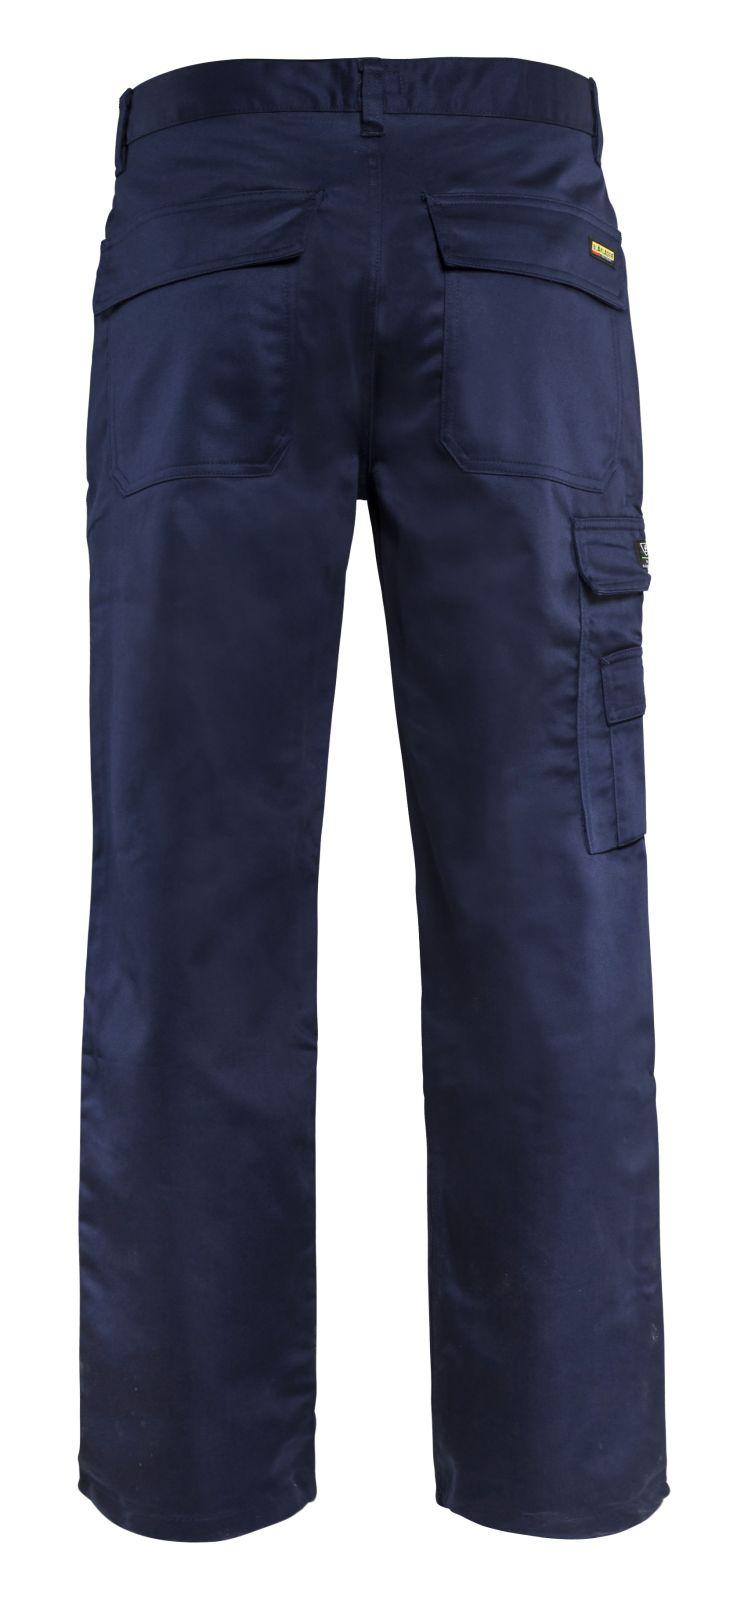 Blaklader Werkbroeken 17241507 Vlamvertragend marineblauw(8900)